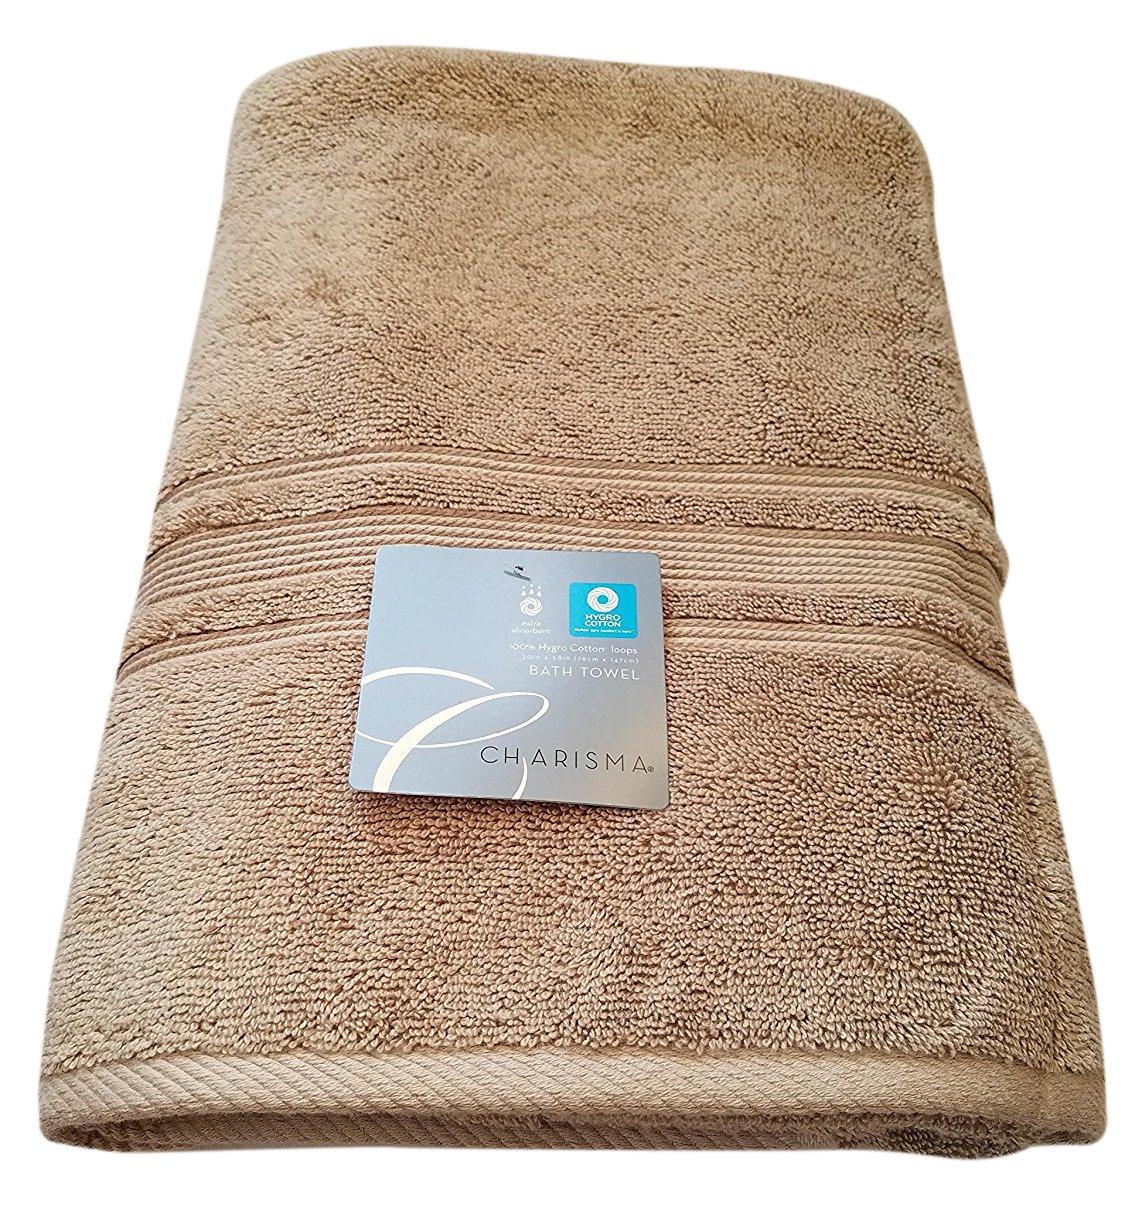 Charisma Bath Towels Seafoam: Amazon.com : Charisma 100% Hygro Cotton 2 Hand Towel And 2